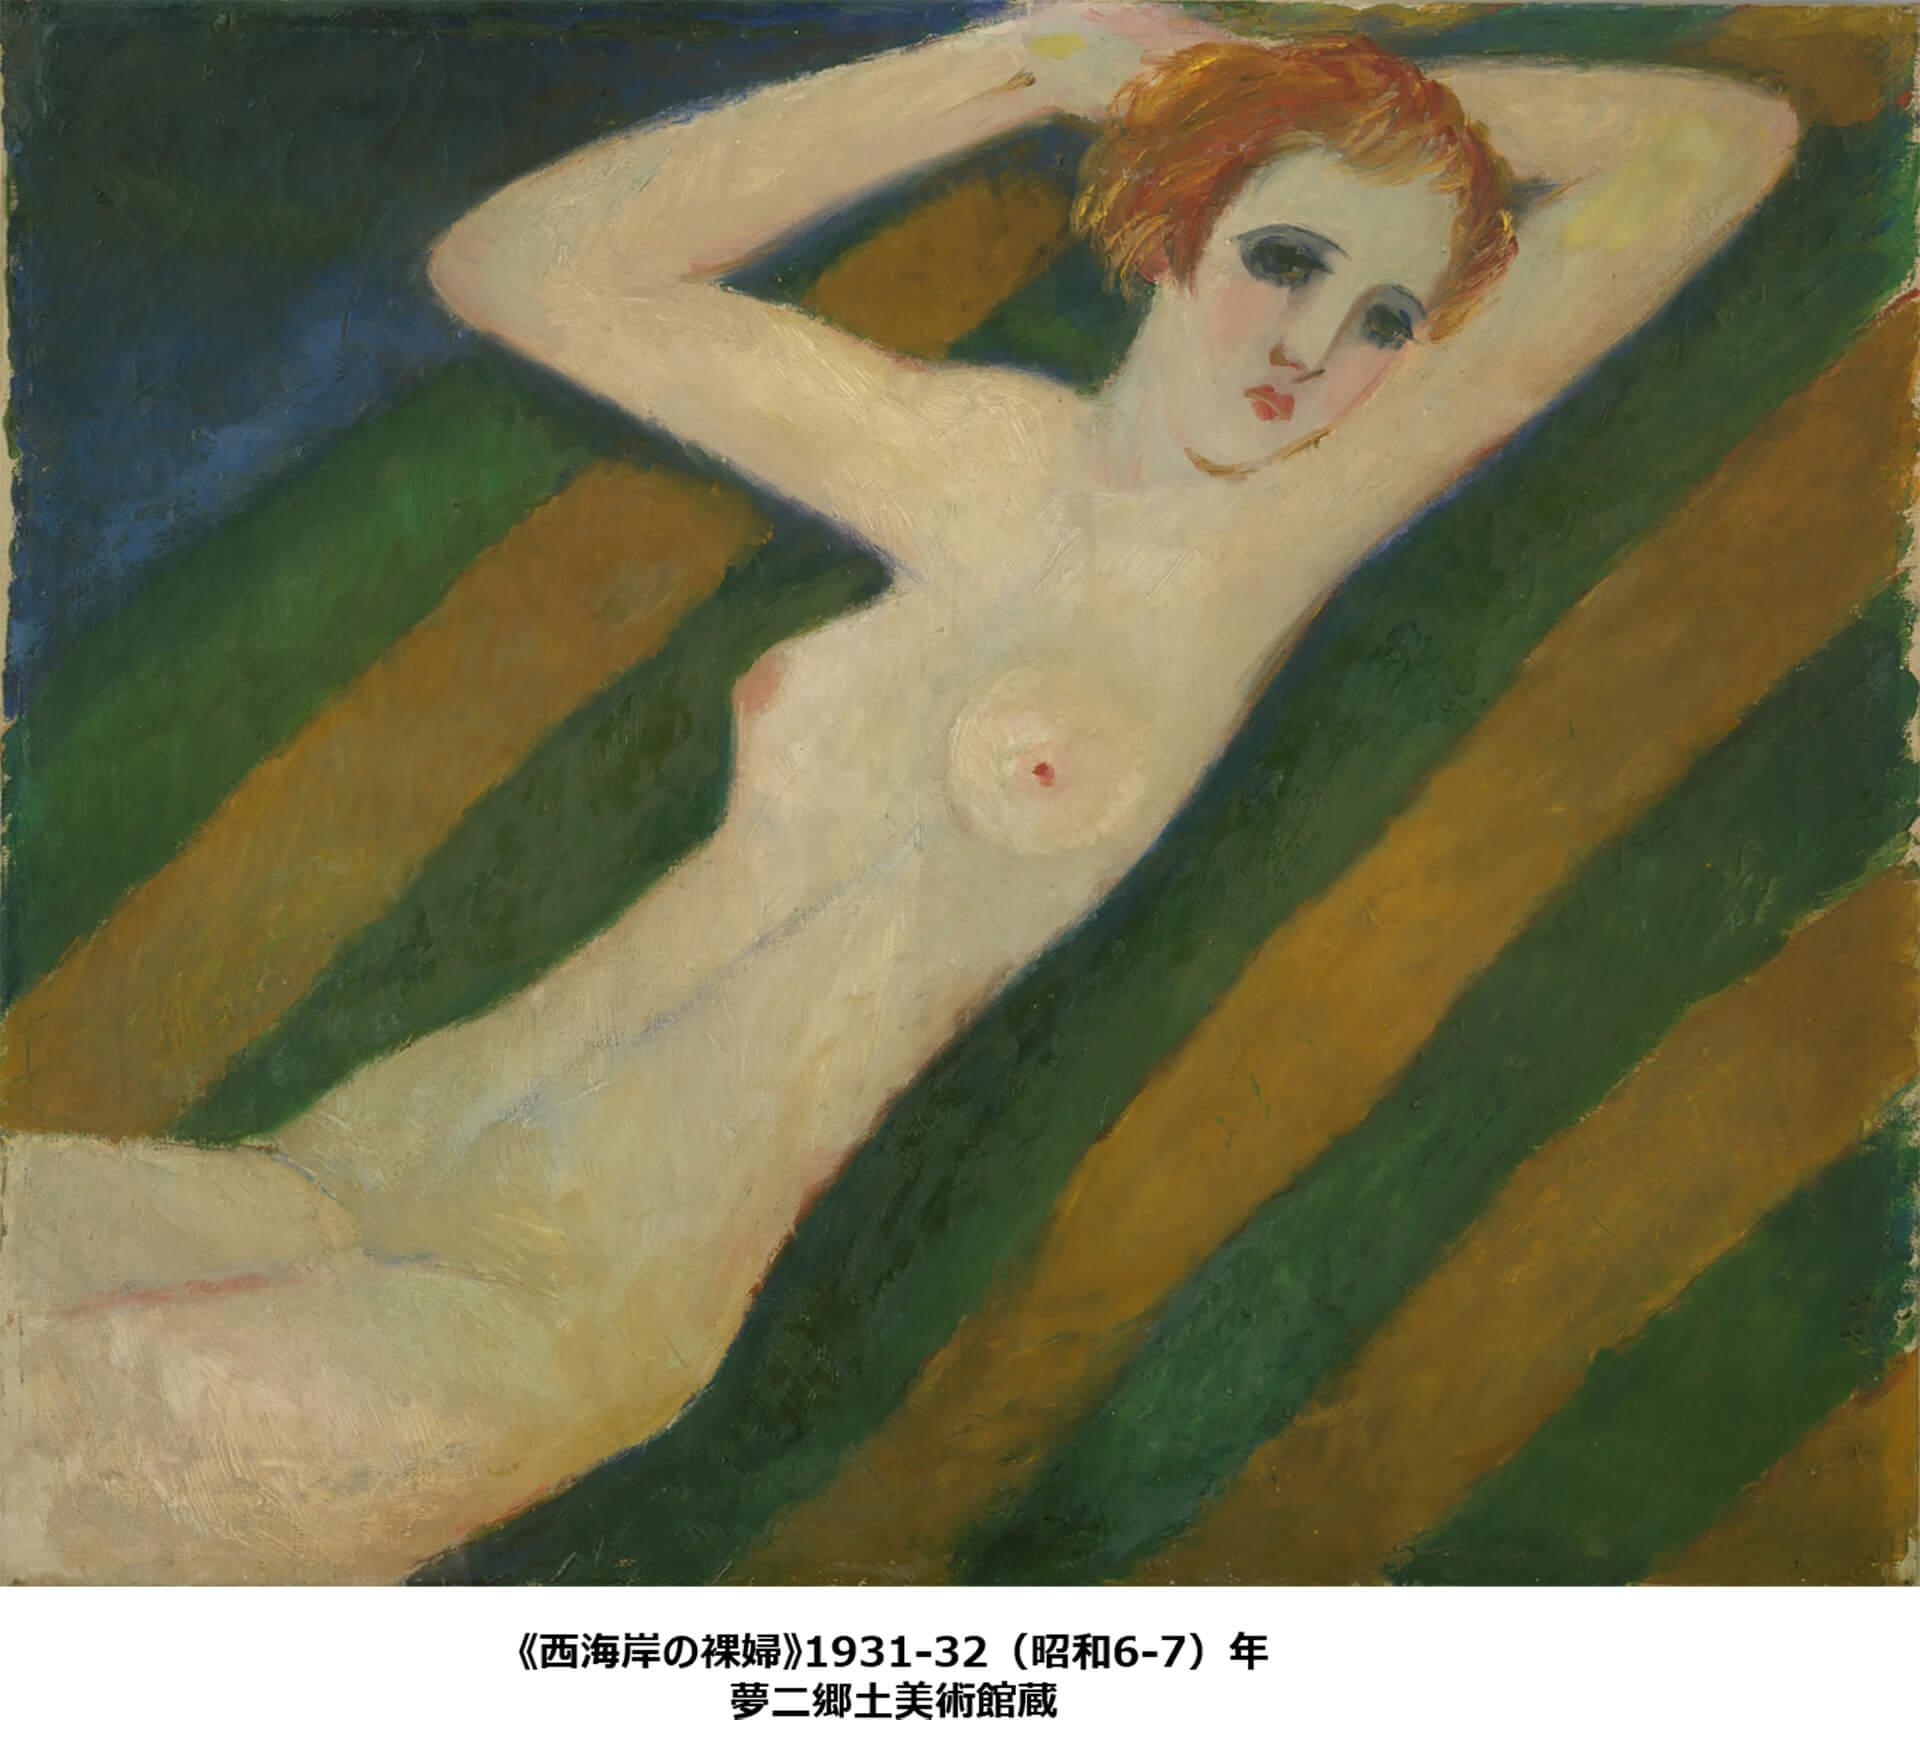 生誕135年 竹久夢二展・西海岸の裸婦